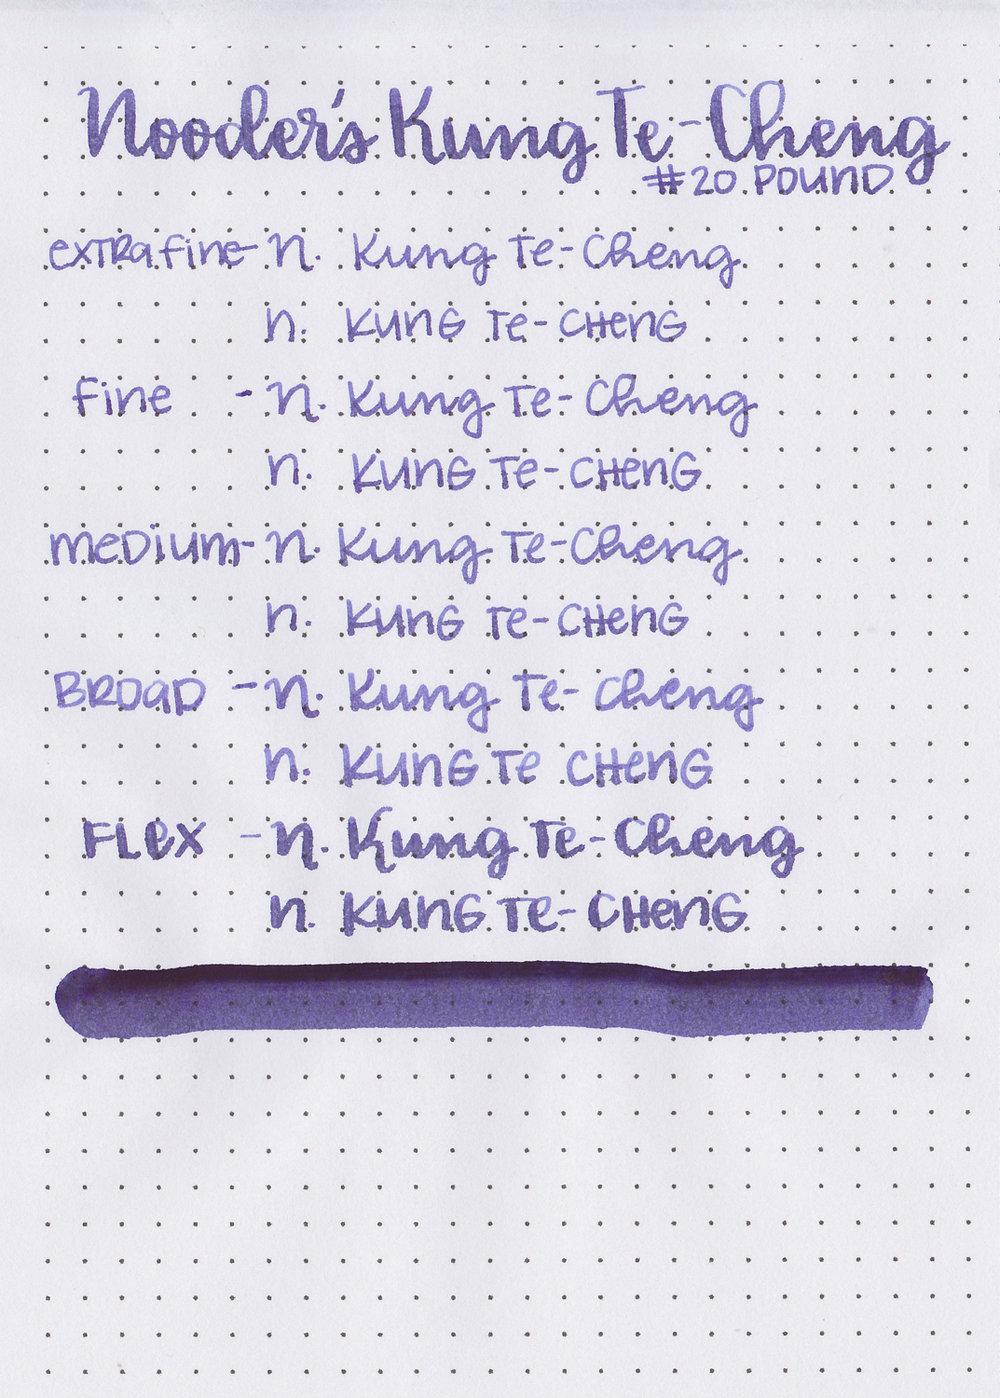 NoodKungTeCheng-9.jpg